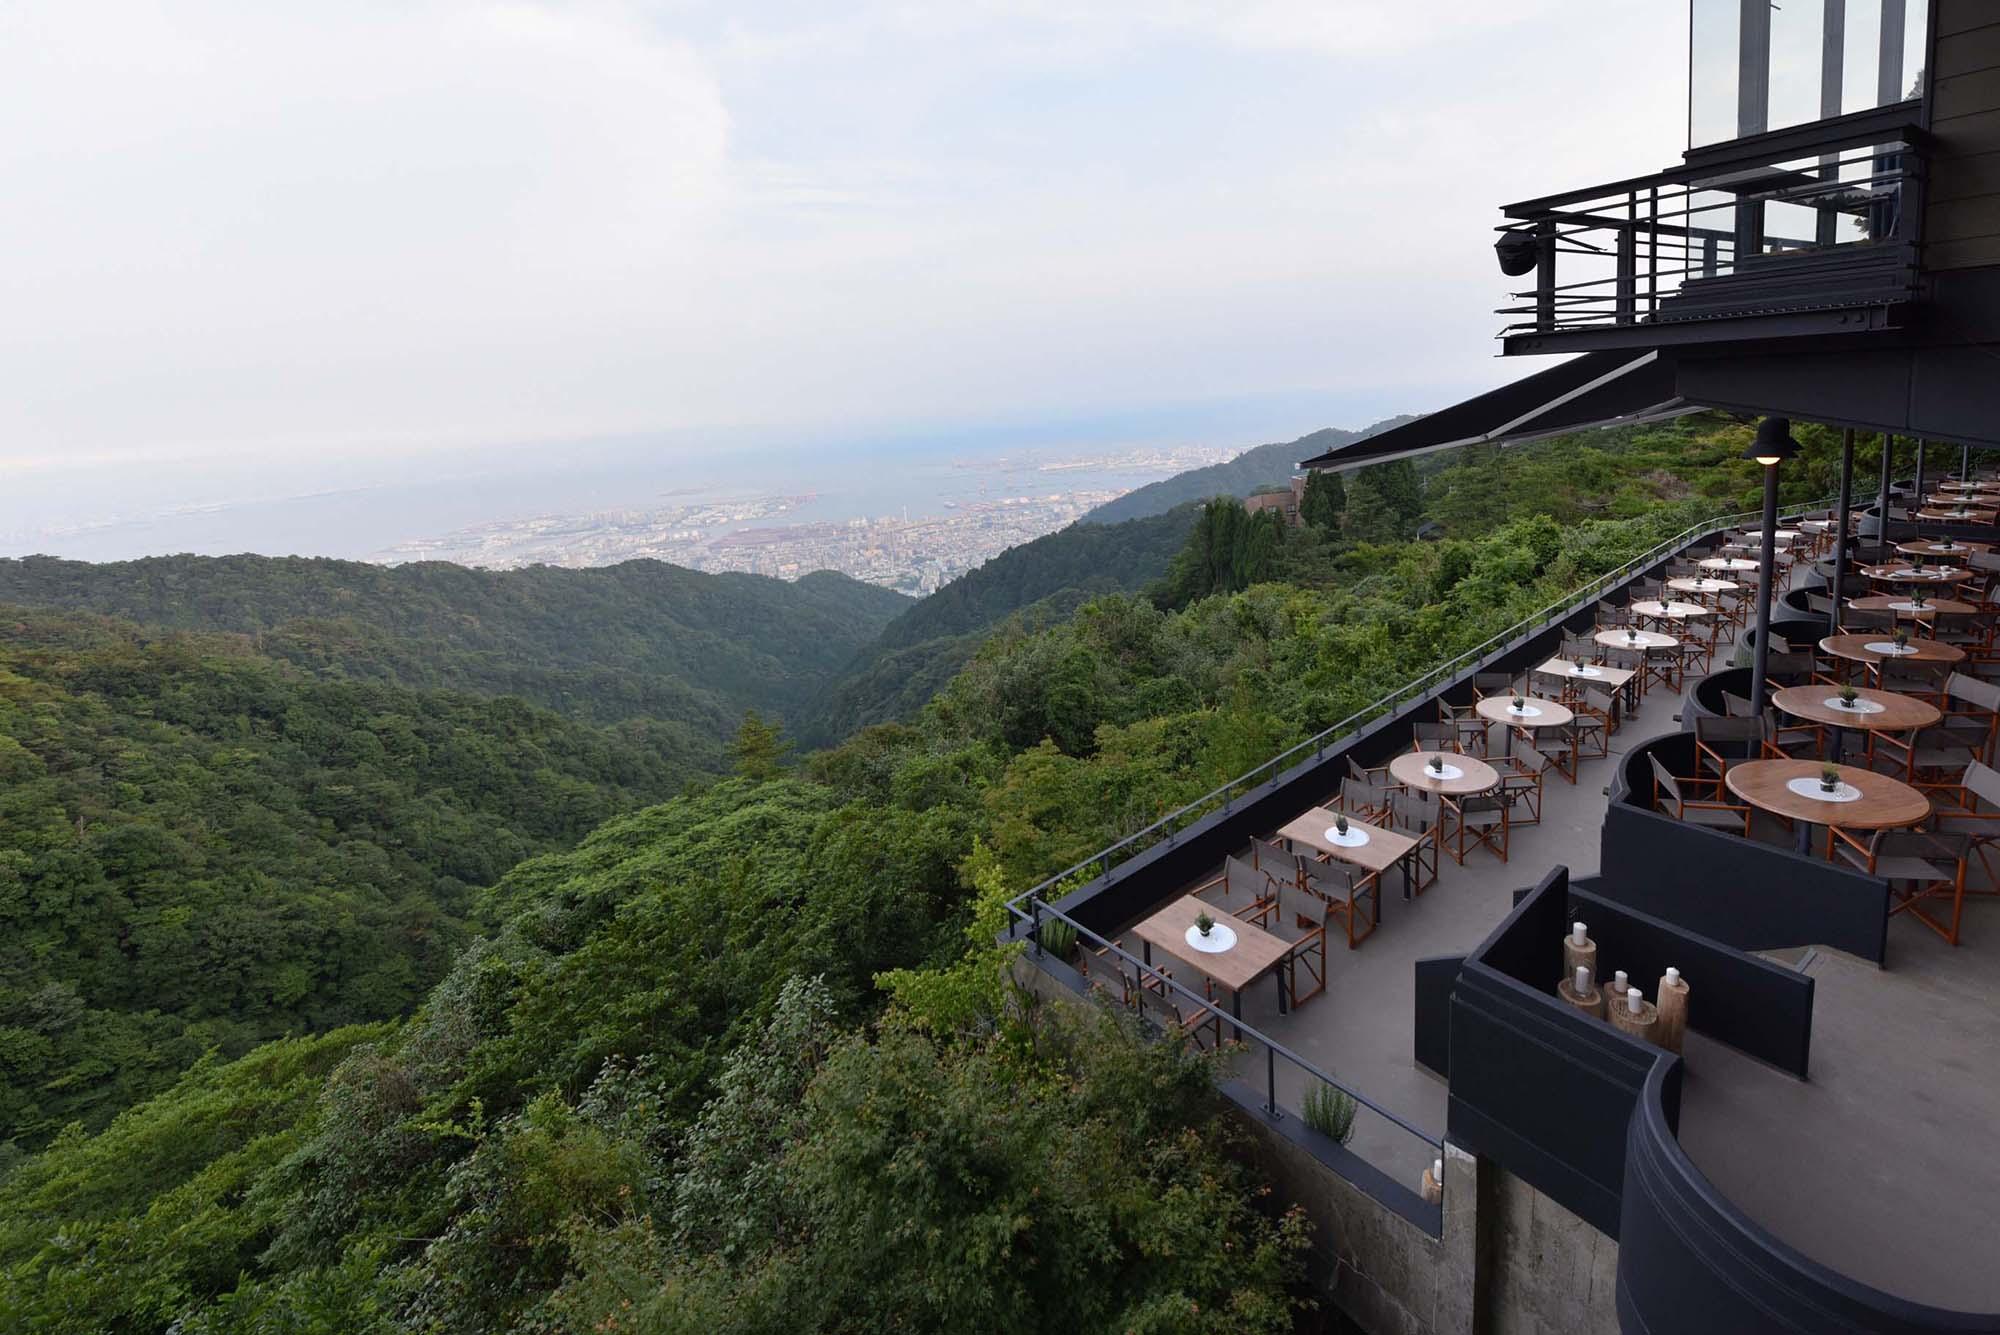 六甲山から神戸港を見渡す眺望が自慢のグリルレストラン。